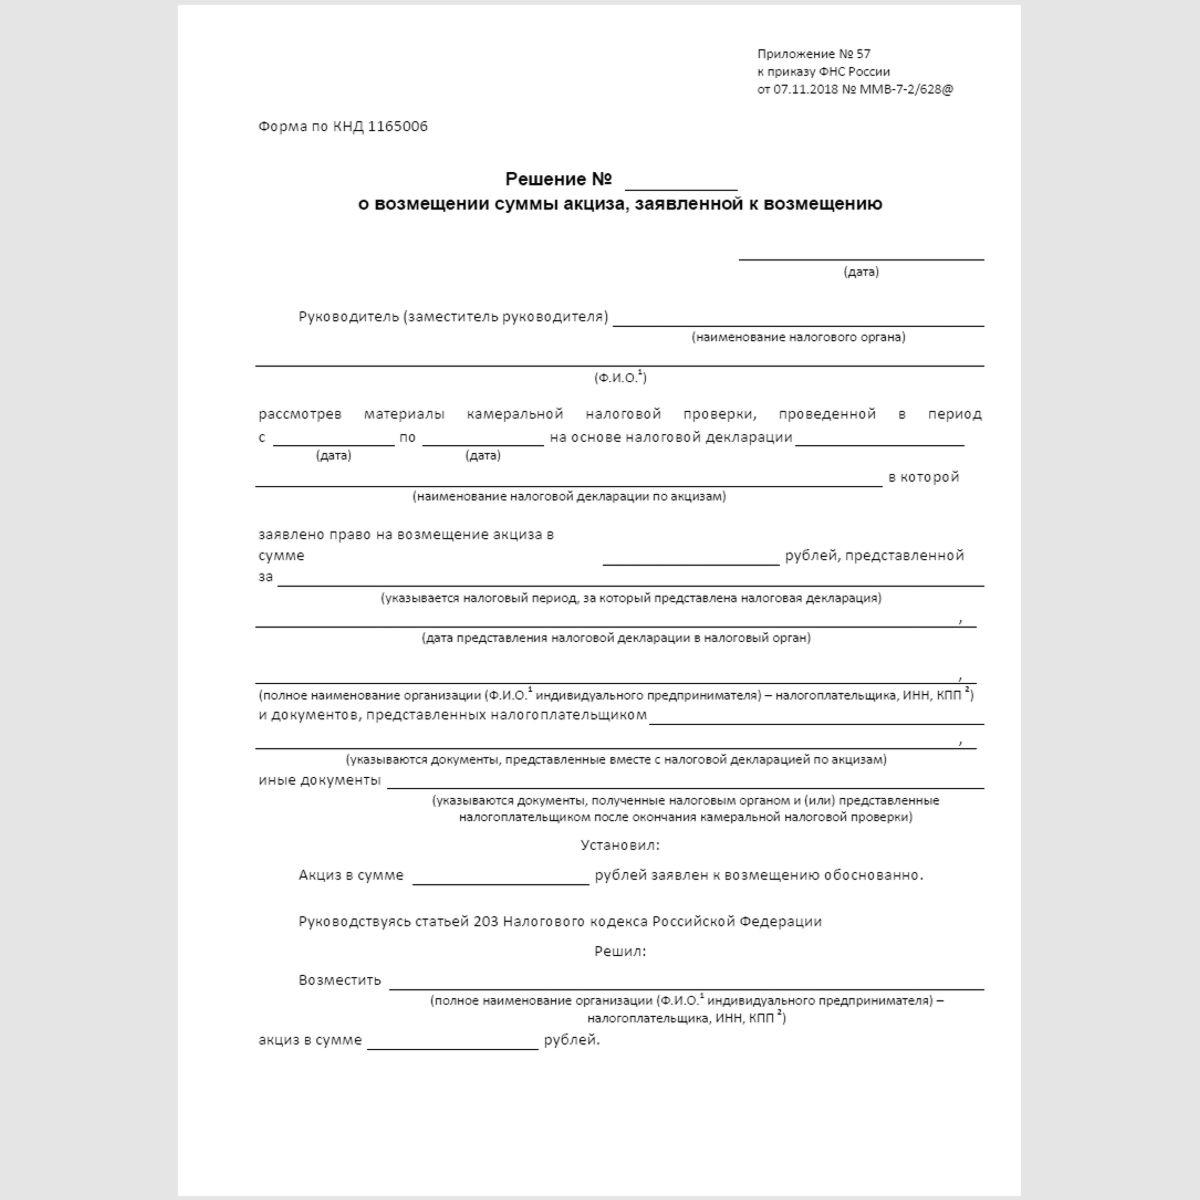 """Форма КНД 1165006 """"Решение о возмещении суммы акциза, заявленной к возмещению"""". Стр. 1"""